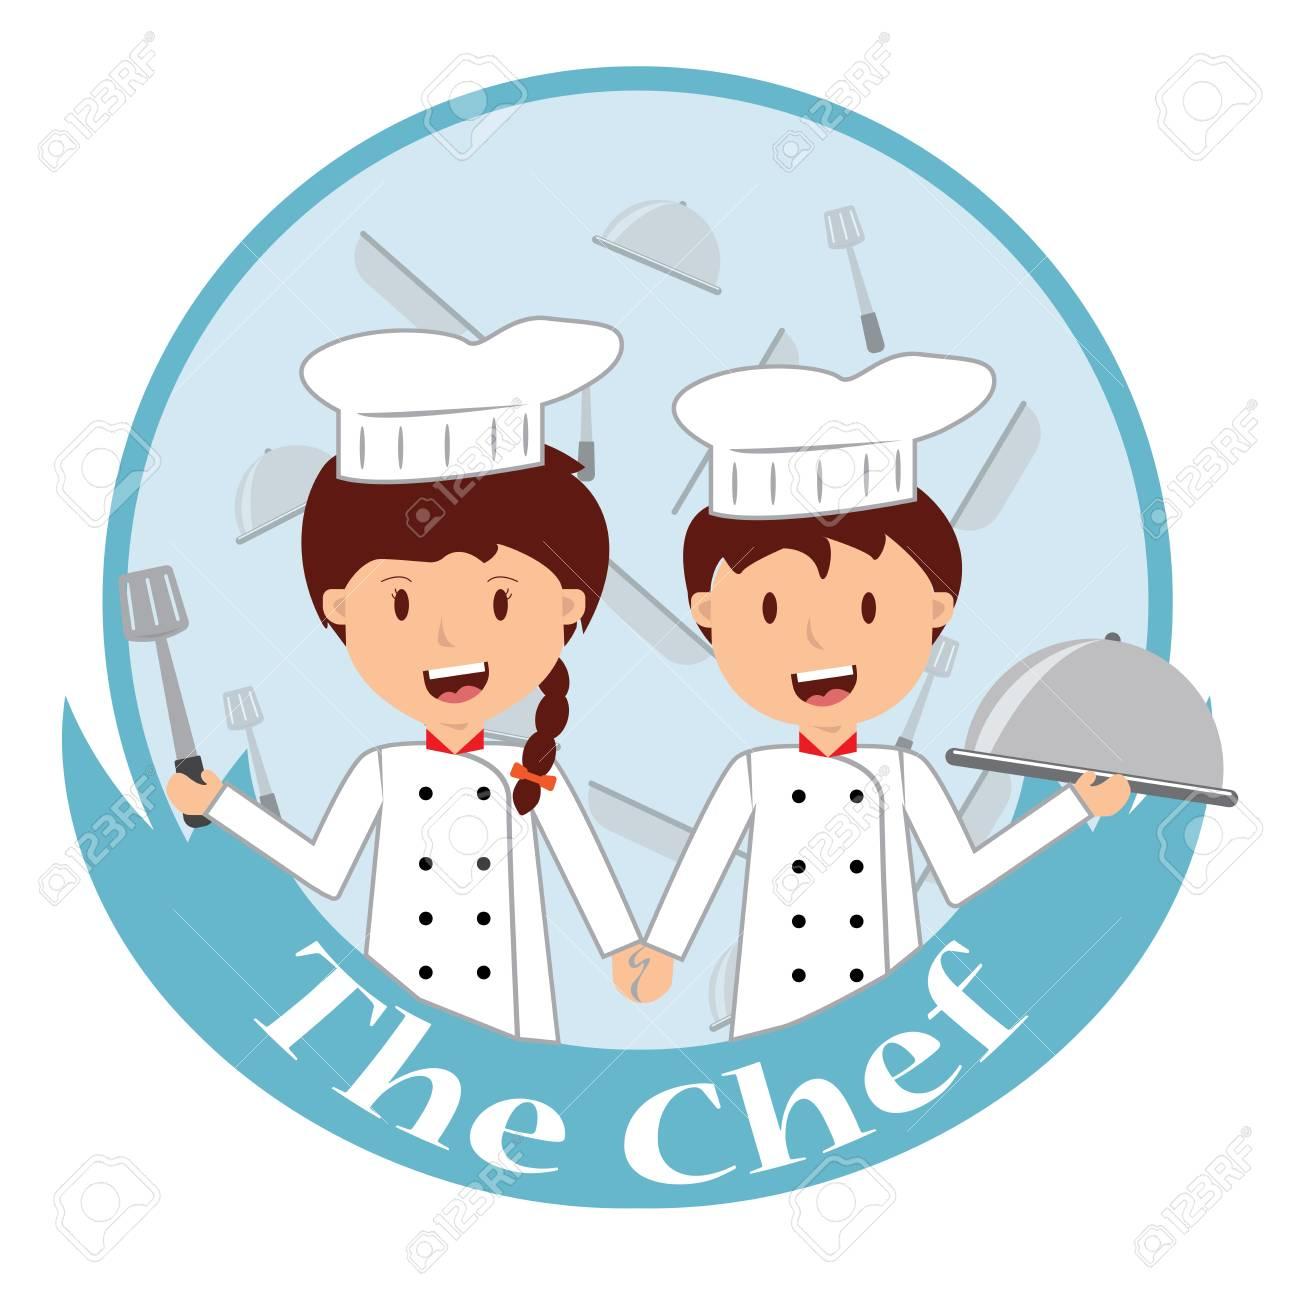 Dessin Animé Mignon De Petit Chef Cuisinier à La Cuisine. Clip Art Libres  De Droits , Vecteurs Et Illustration. Image 89632887.